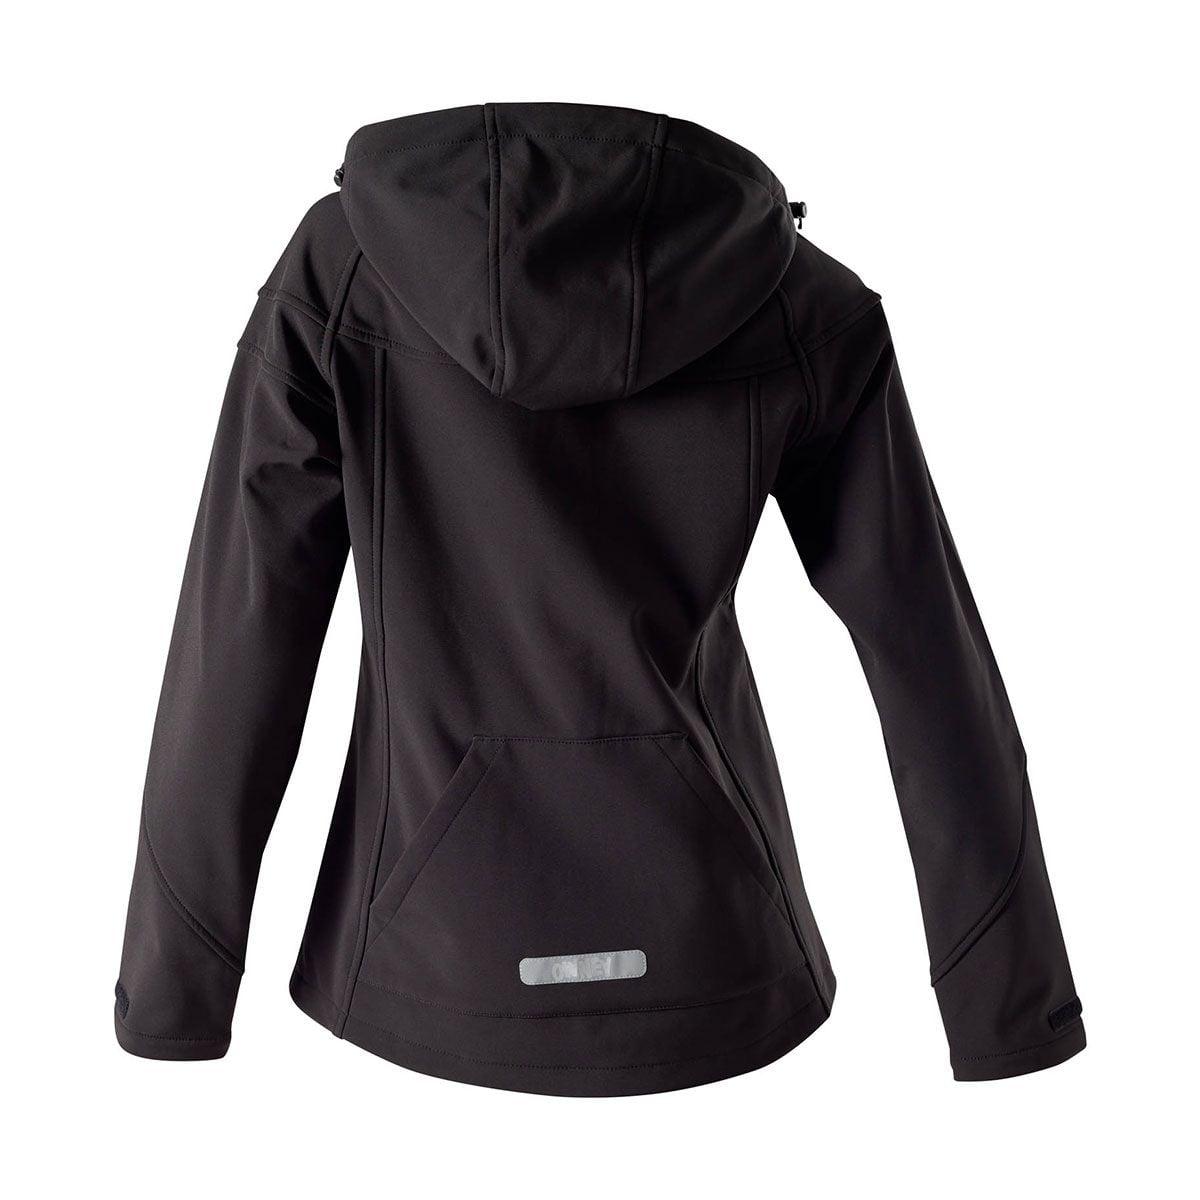 f81500492c207d Owney Cerro Damen Softshell Jacke schwarz günstig kaufen bei Hund ...